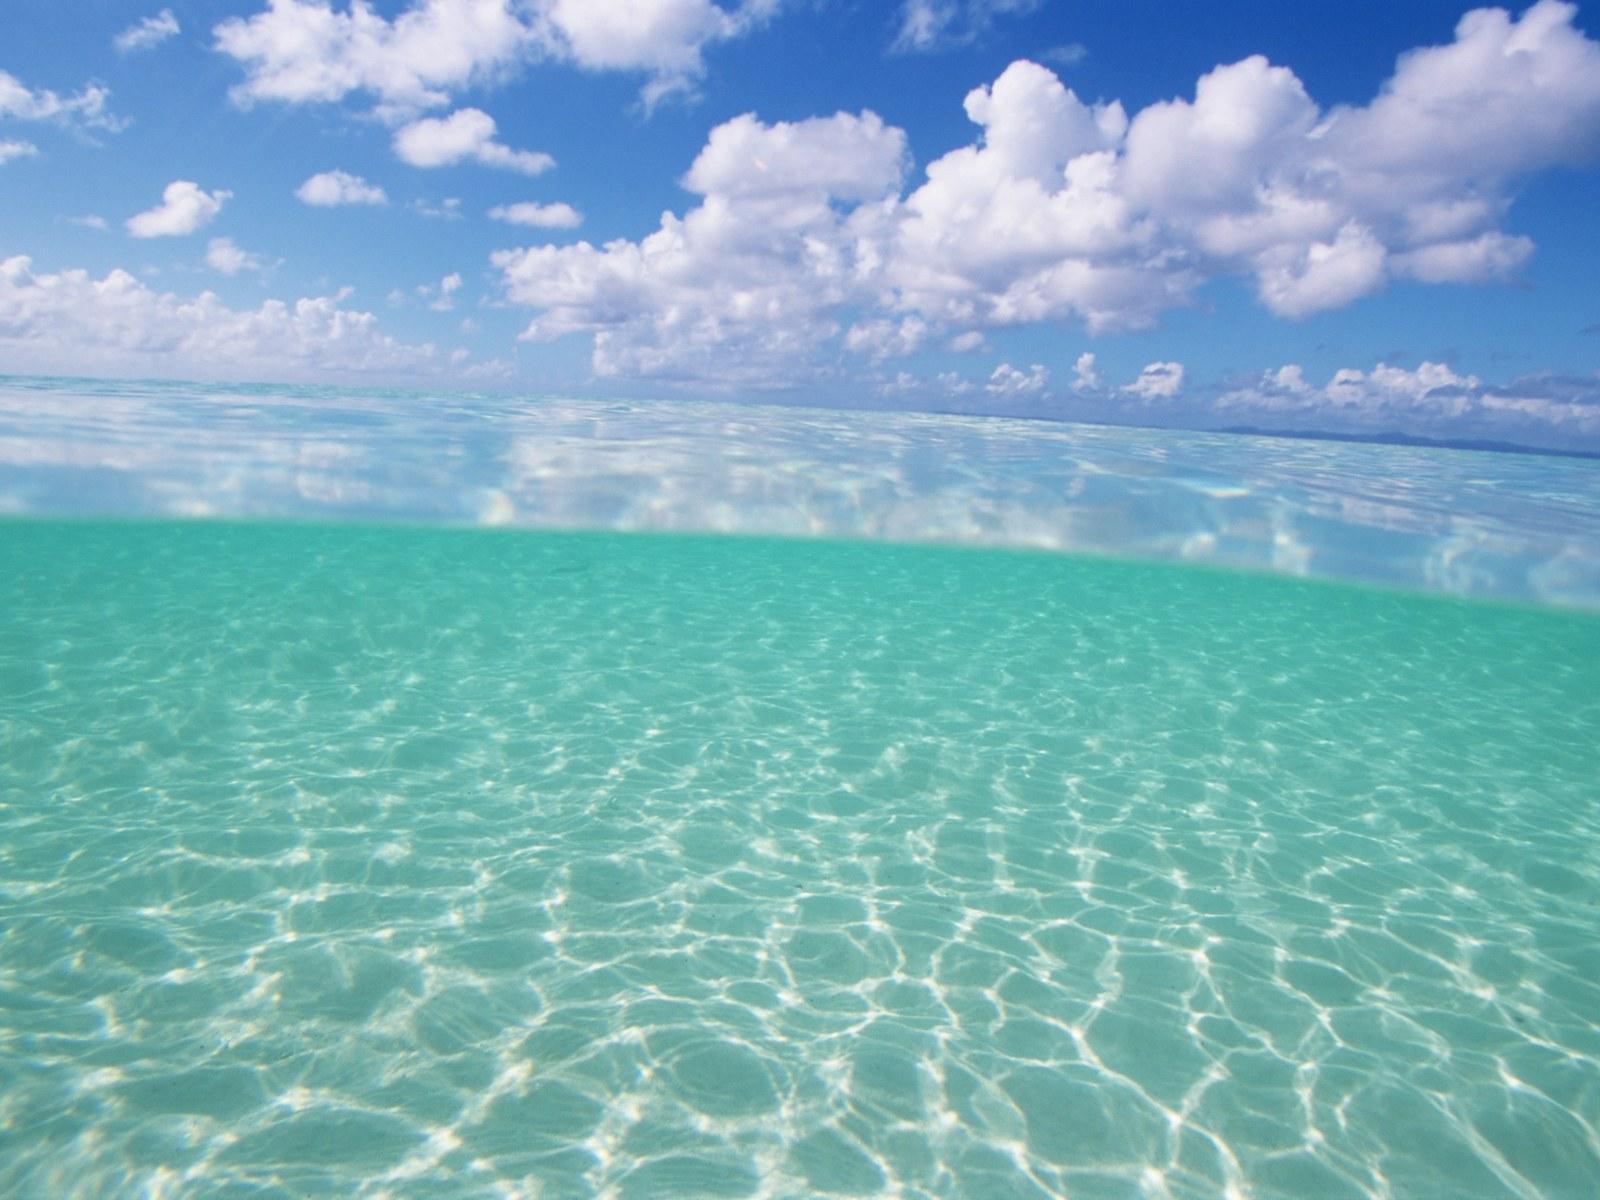 日本冲绳碧海蓝天沙滩背景图片素材(38p)[中国资源网